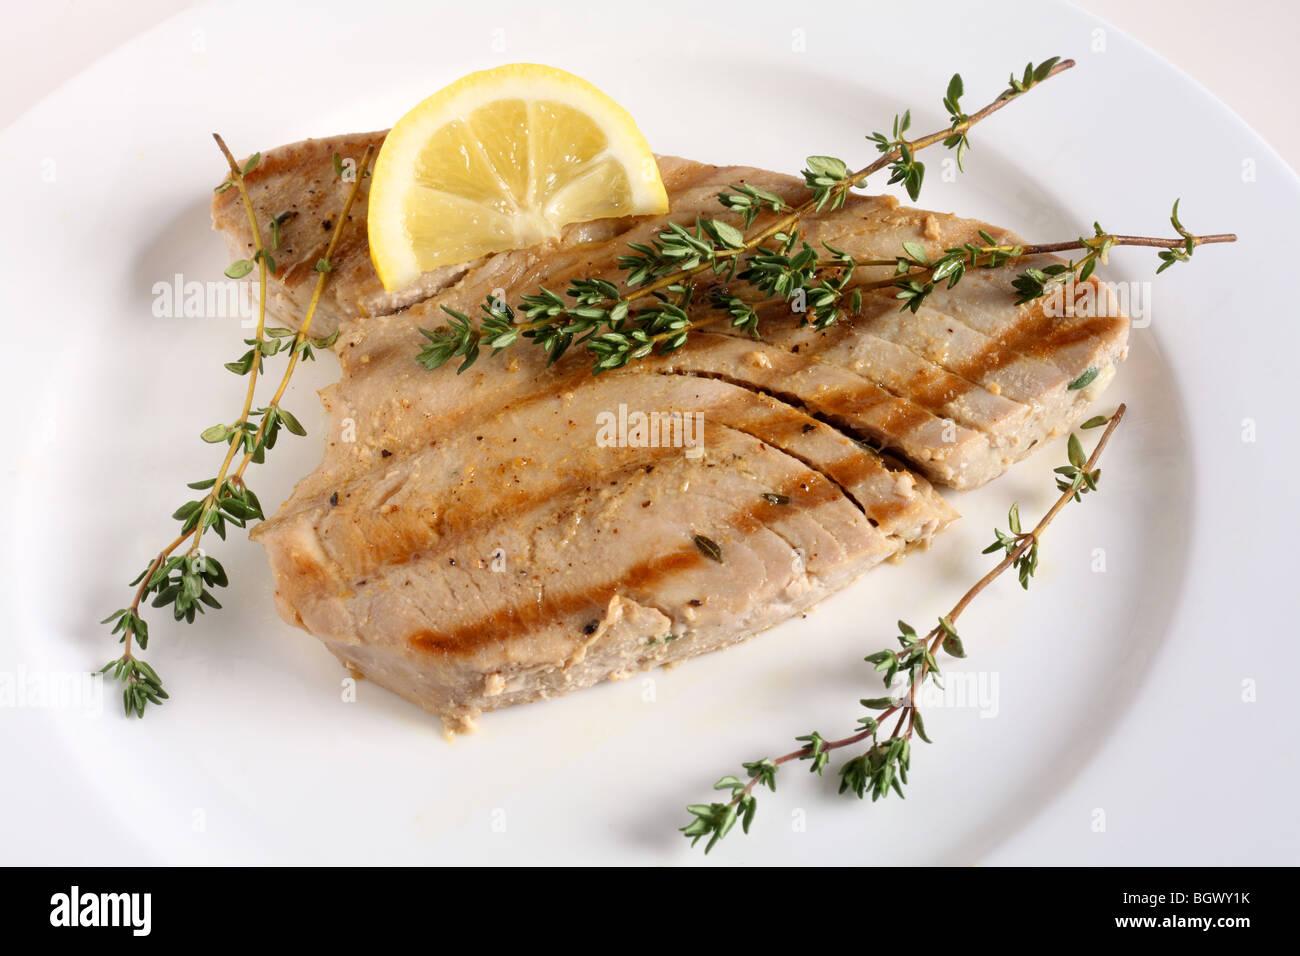 Ein gegrilltes Thunfischsteak mit Zweige Thymian, auf einem Teller mit einem Keil von Zitrone garniert Stockbild